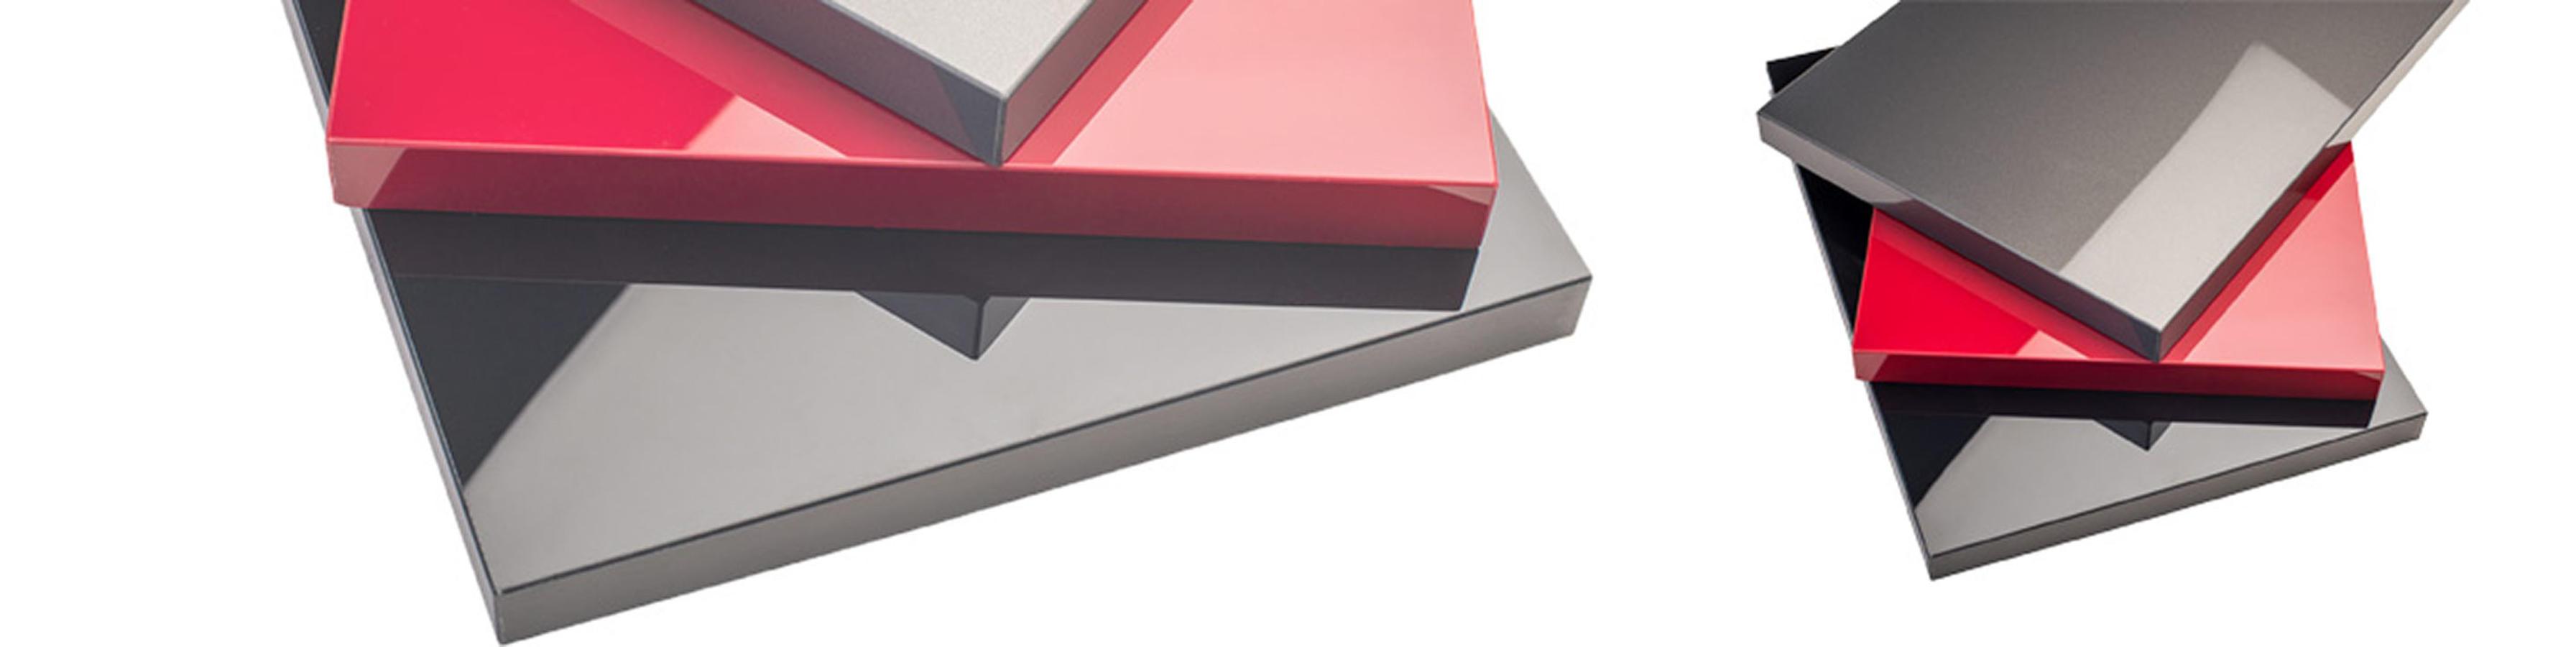 Produkte / senosan® AM1800TopX - Senosan GmbH